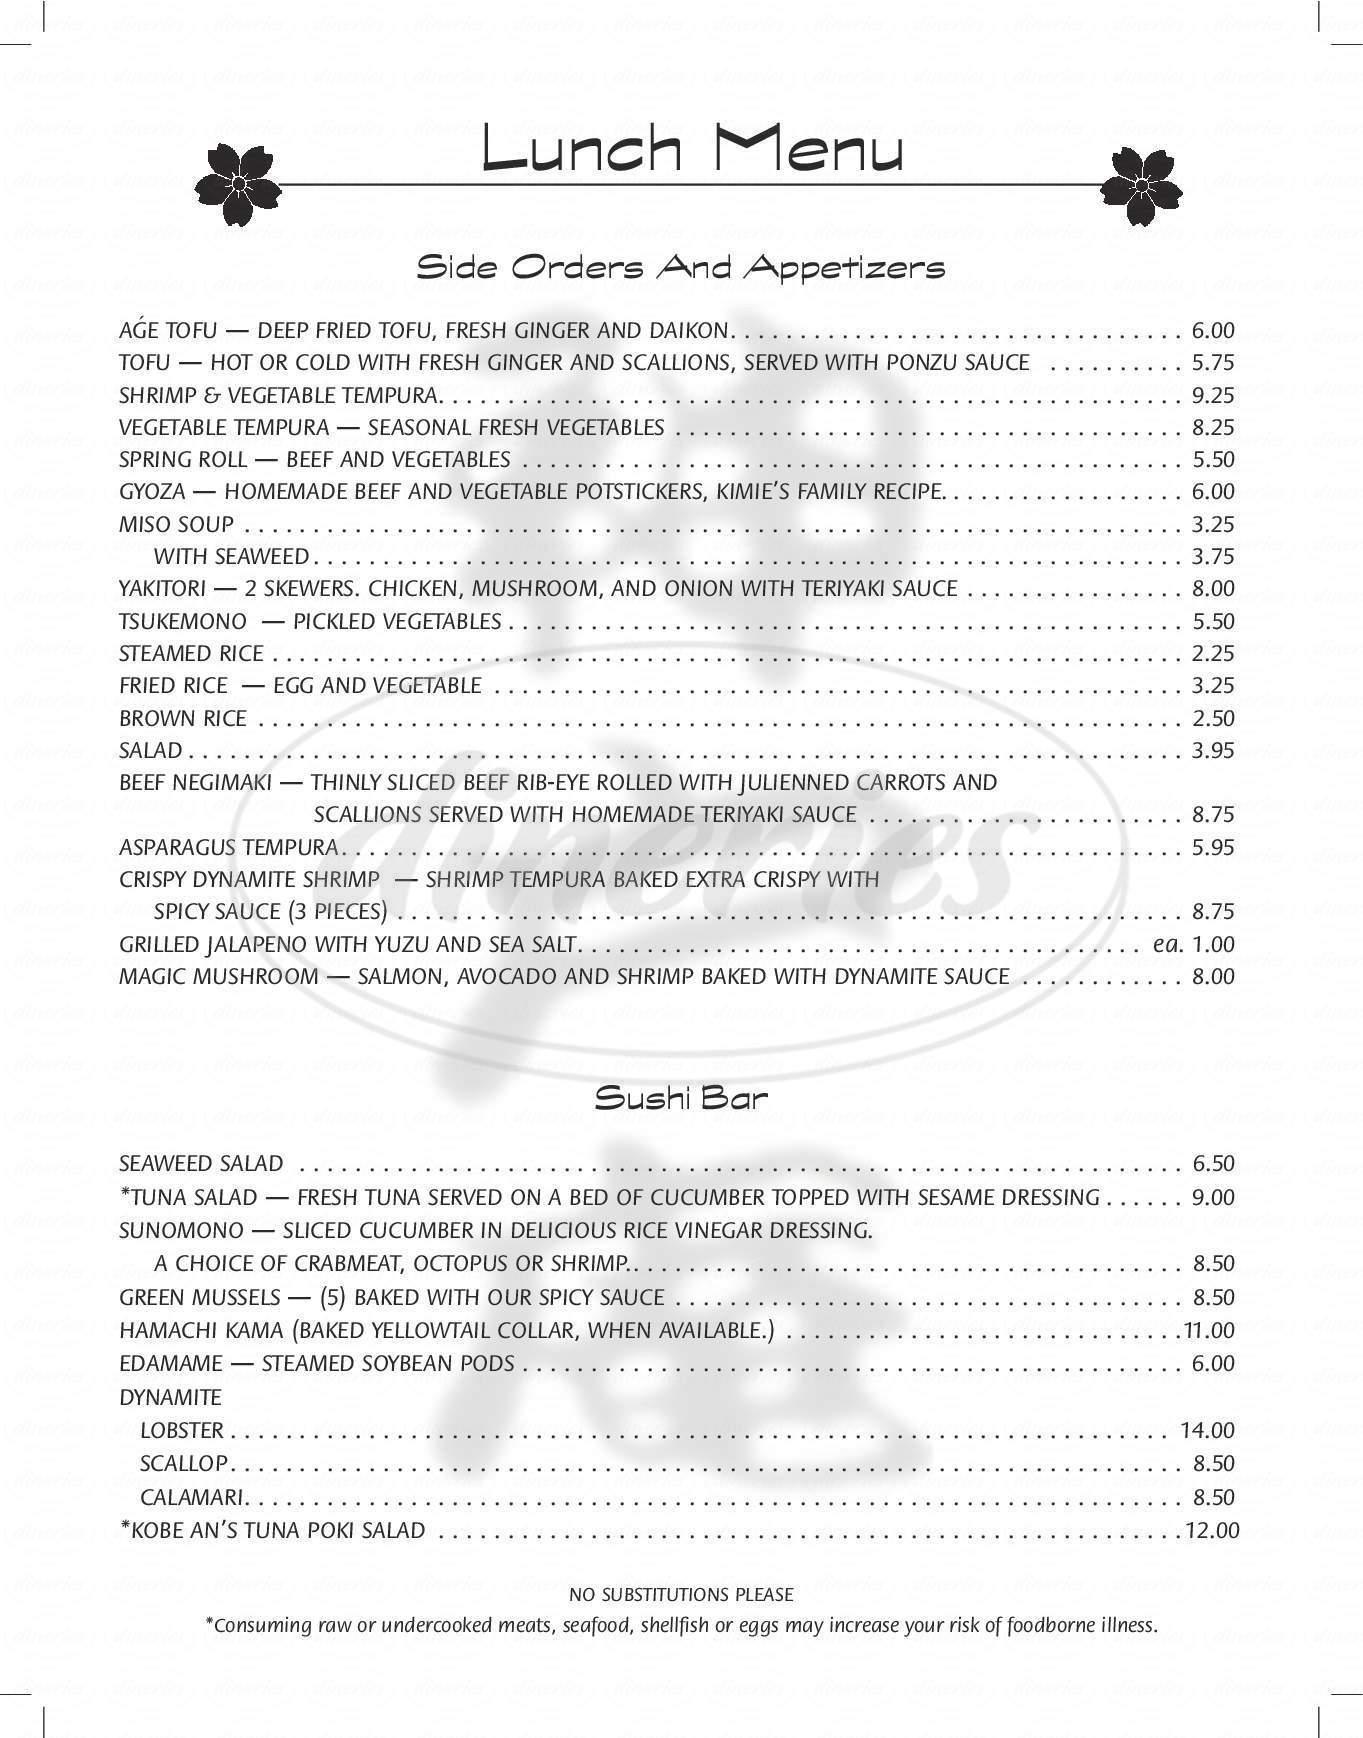 menu for Kobe An